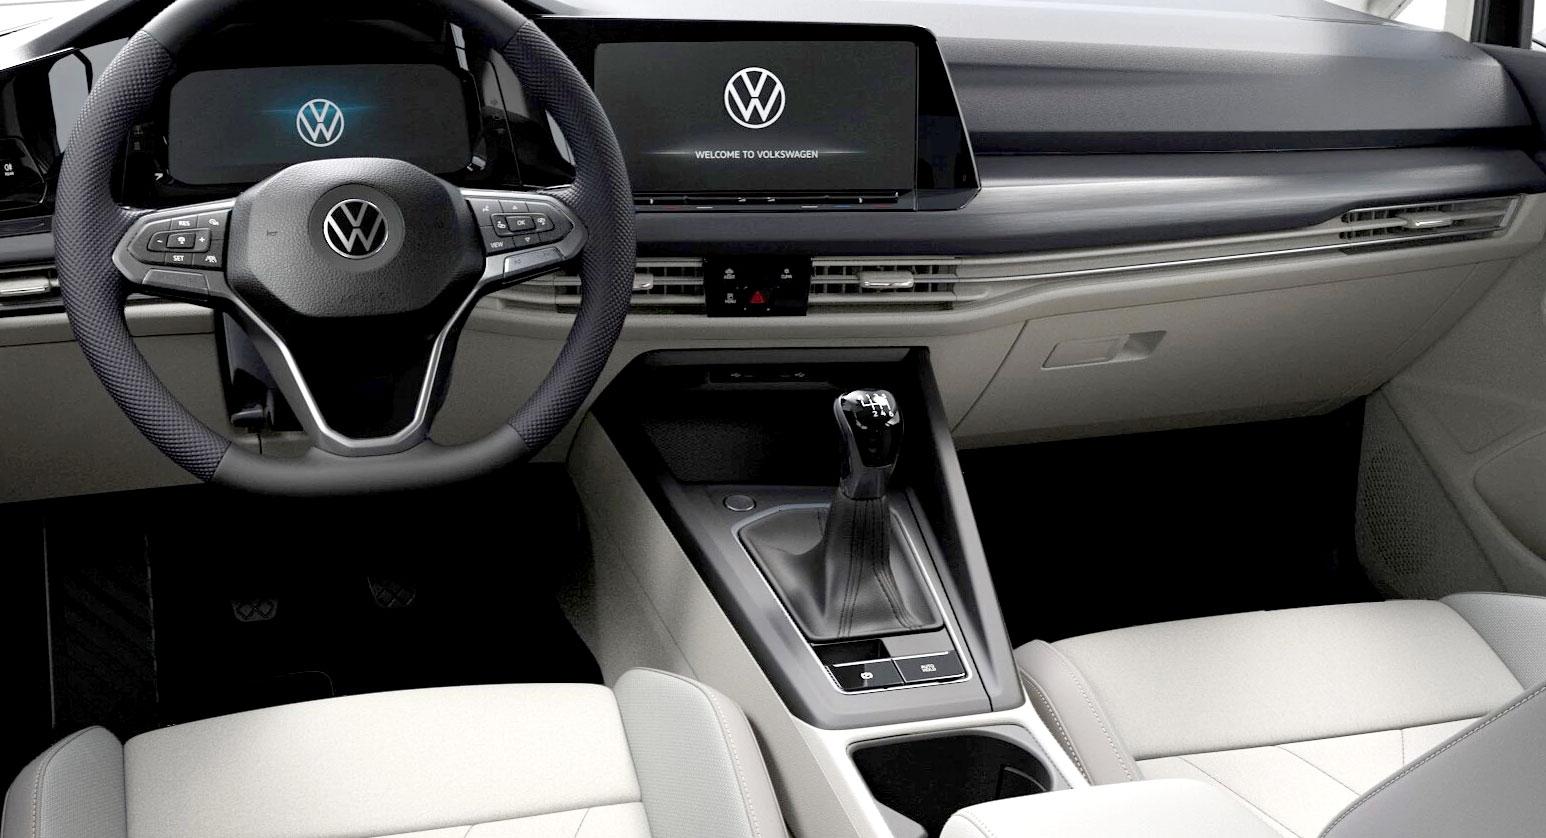 Руководитель одного из исследовательских отделов Volkswagen Матиас Рабе заявил, что компания не намерена снимать с производства машины с механической коробкой передач до тех пор, пока на них будет спрос.